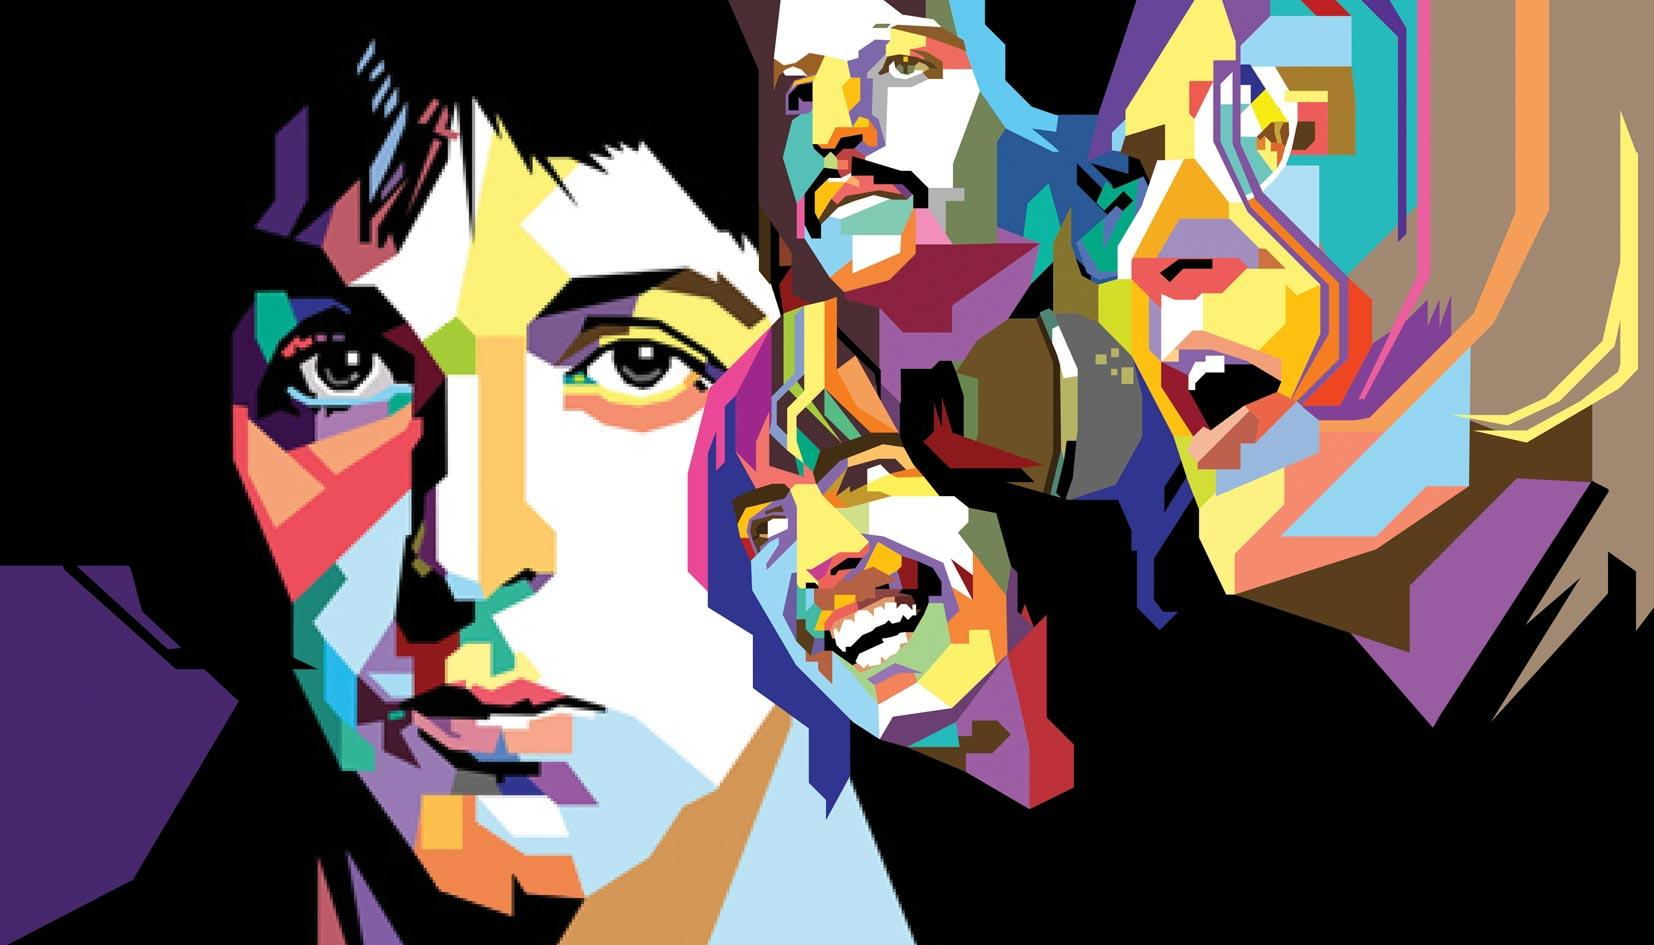 Resultados da Pesquisa de imagens do Google para http://www.deviantart.com/download/123868215/The_Beatles_in_WPAP_by_wedhahai.jpg